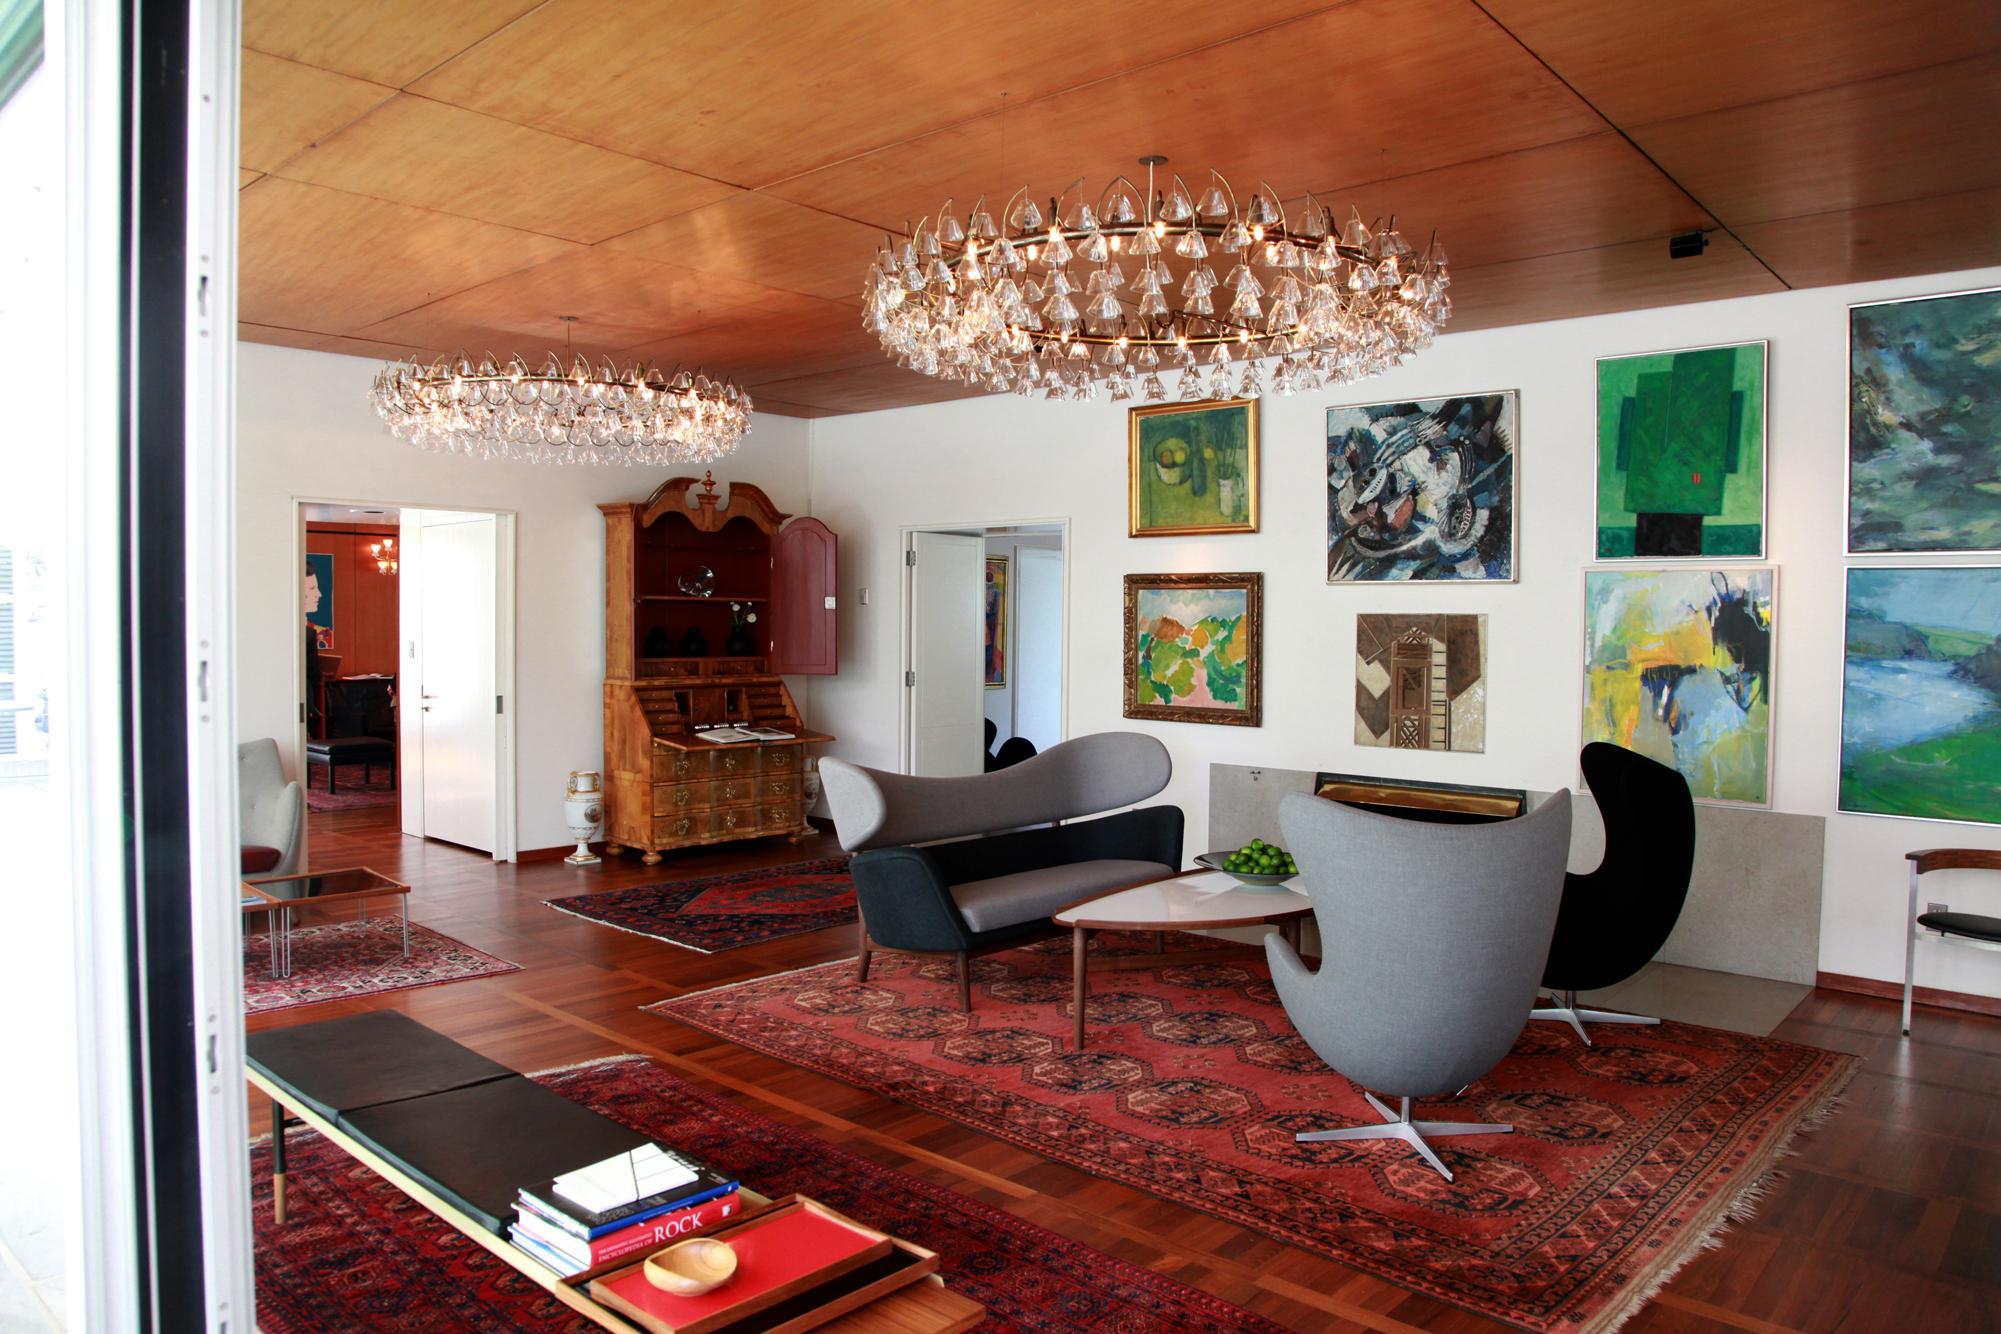 Kronleuchter Für Galerie ~ Galerie im wohzimmer gestalten #teppich #kronleuchte